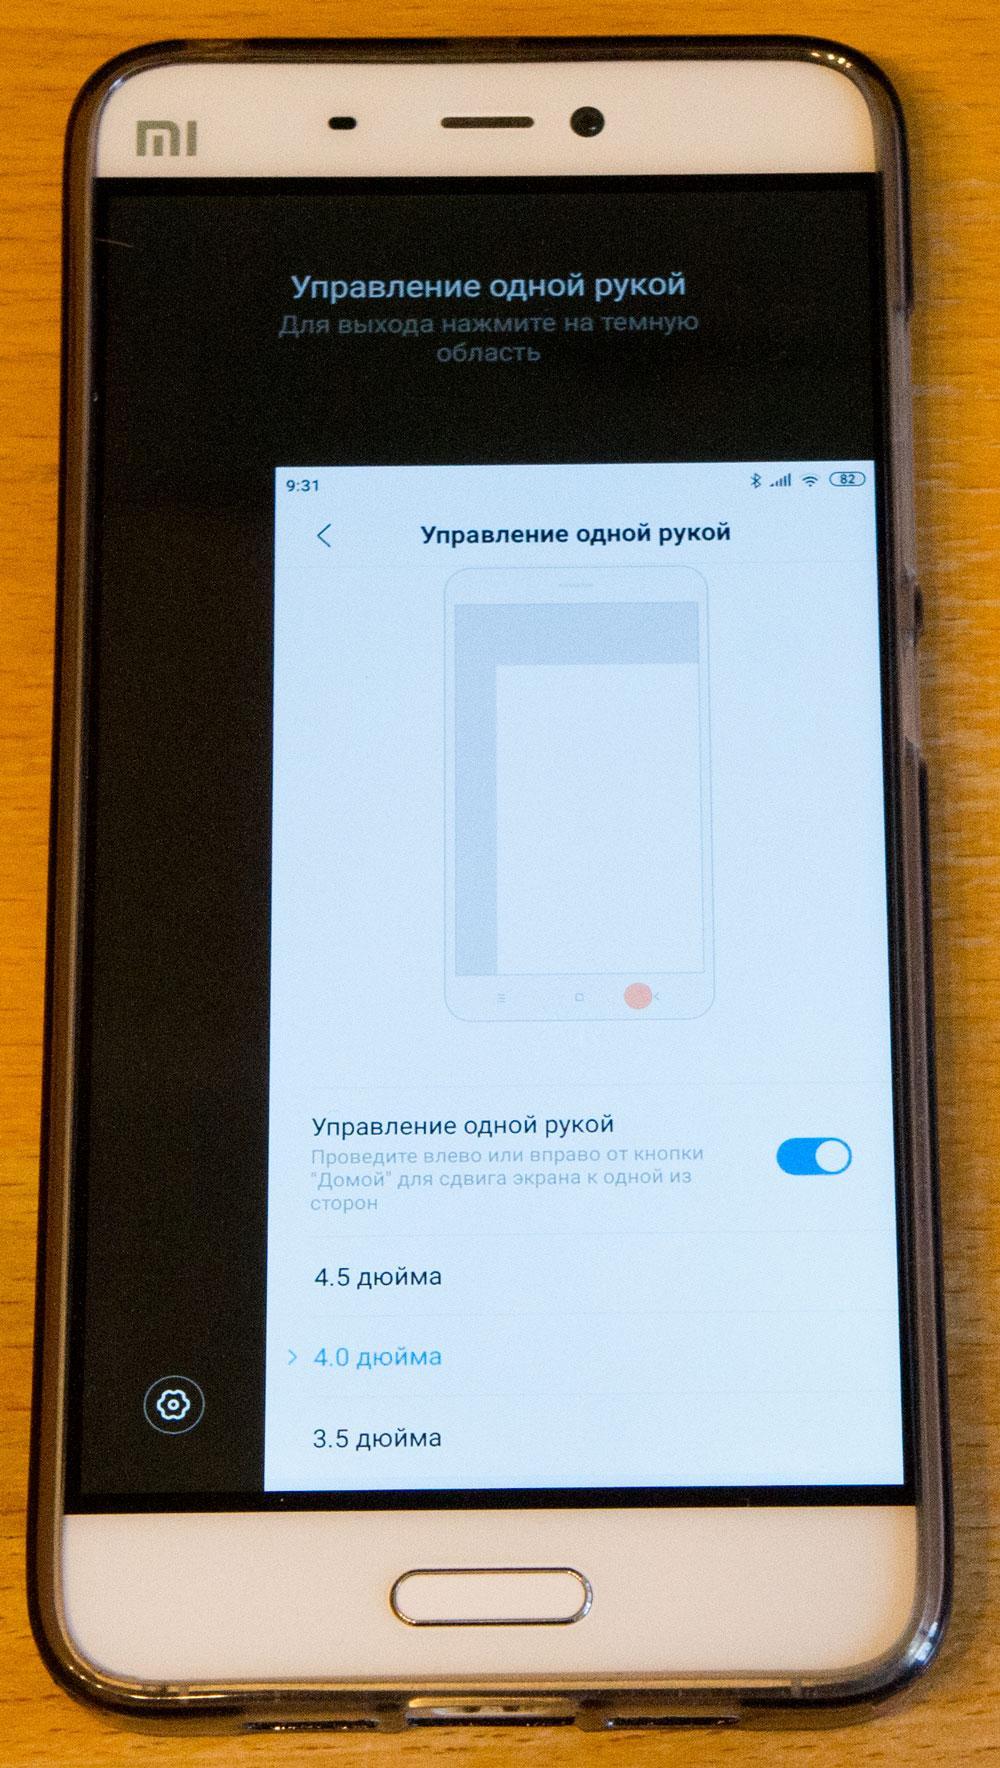 Пример работы функции управления одной рукой на Xiaomi Mi5